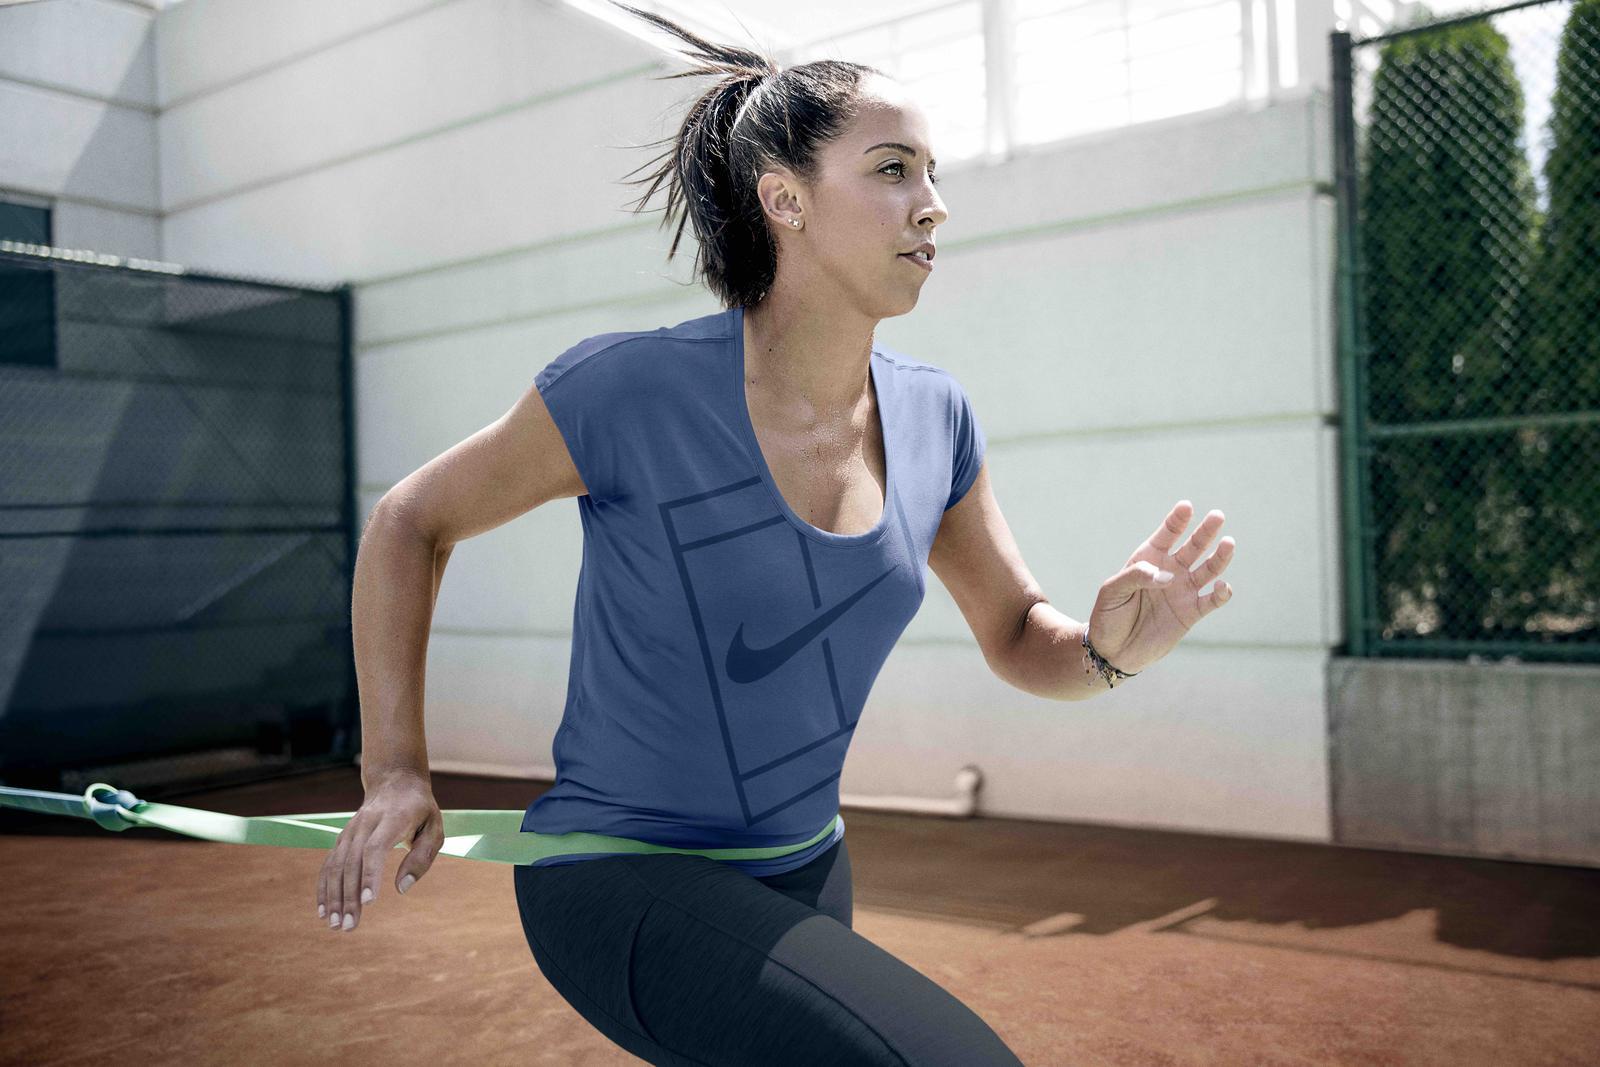 NikeCourt_Madison_Keys_2_native_1600